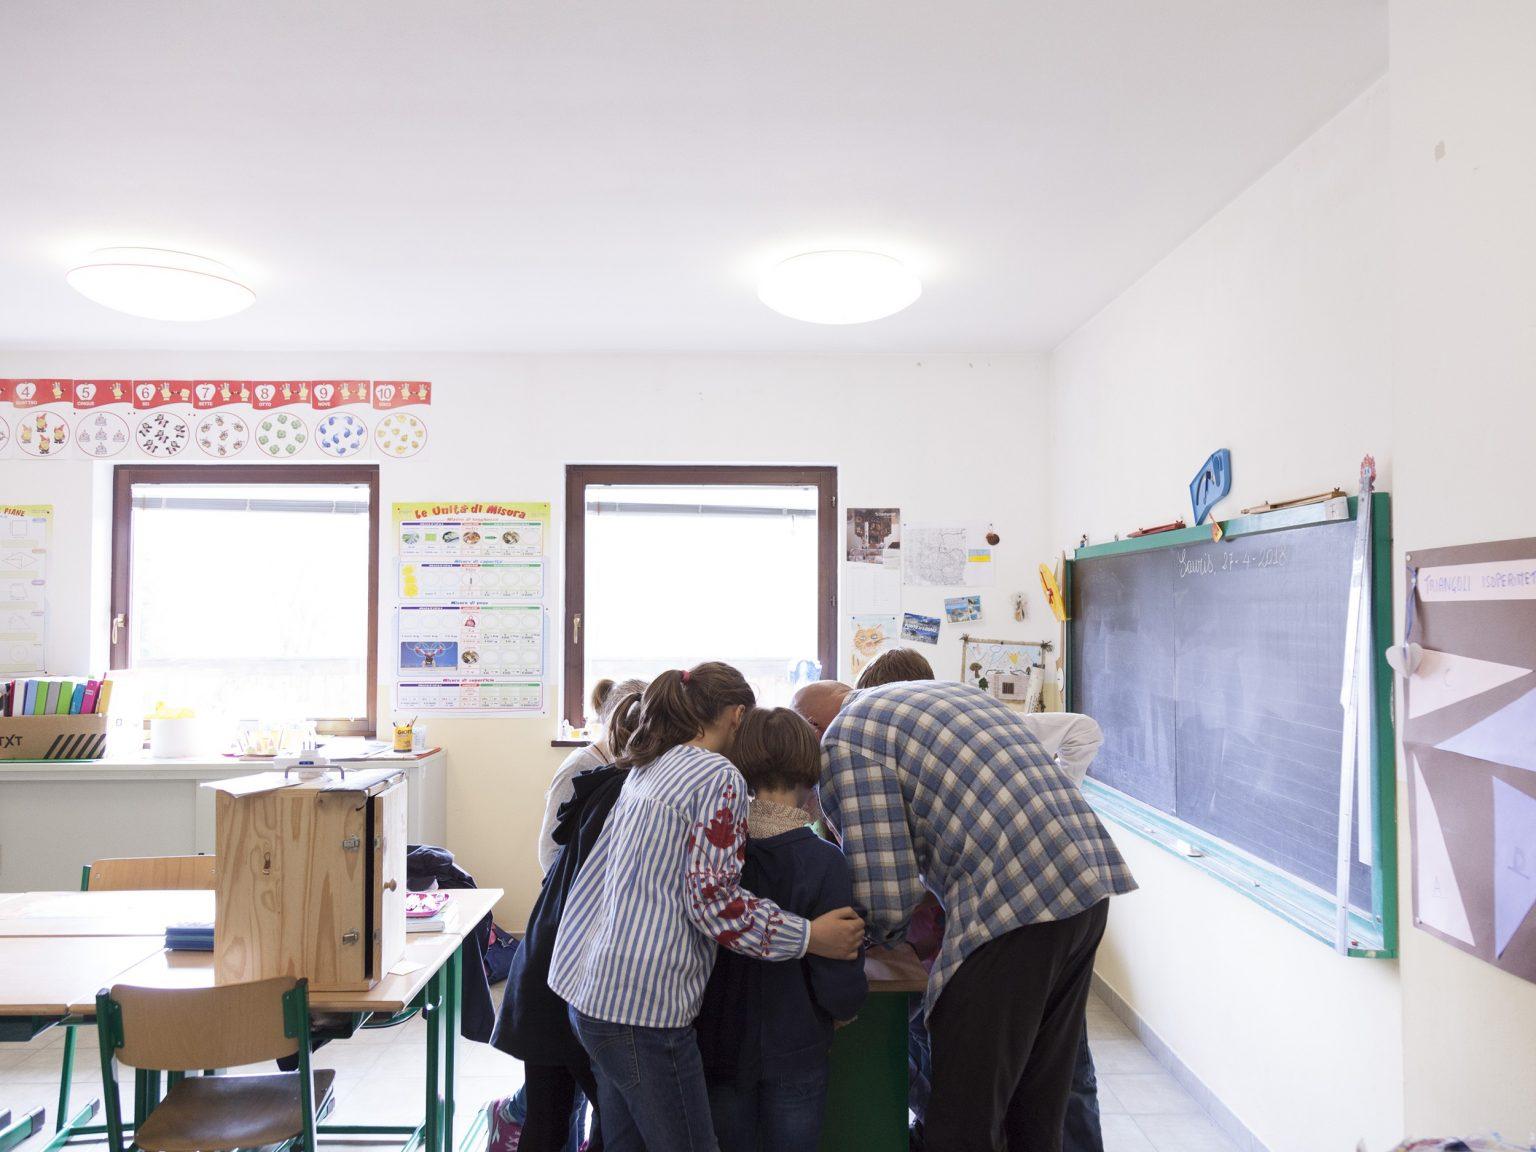 La scuola primaria di Lauco ha 16 alunni in 2 pluriclassi, una 1a-2a-3a e una 4a-5a. Sauris è il comune più di alto del Friuli